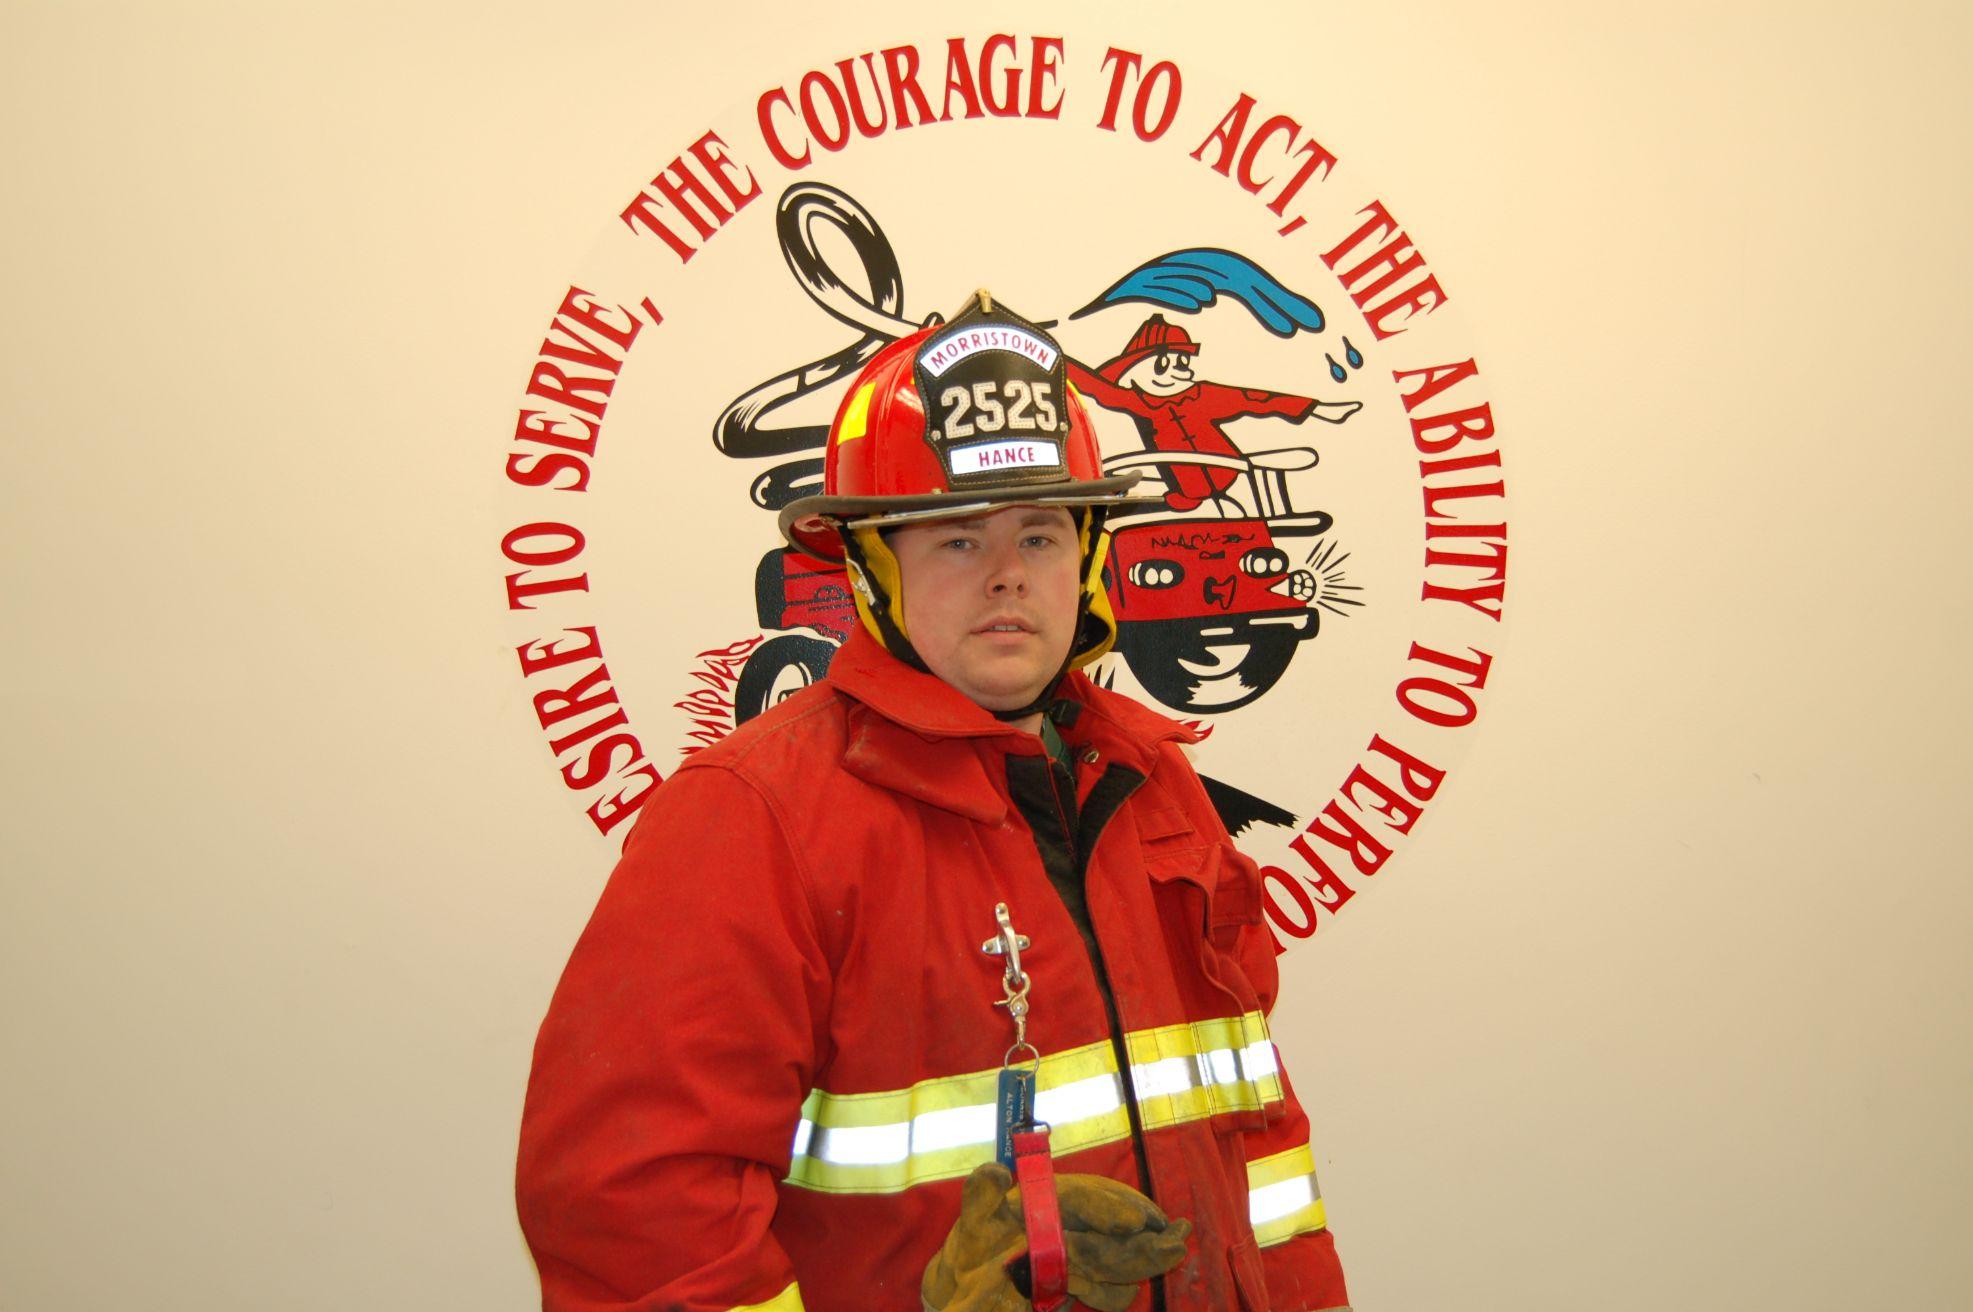 Fire Fighter Sonny Hance